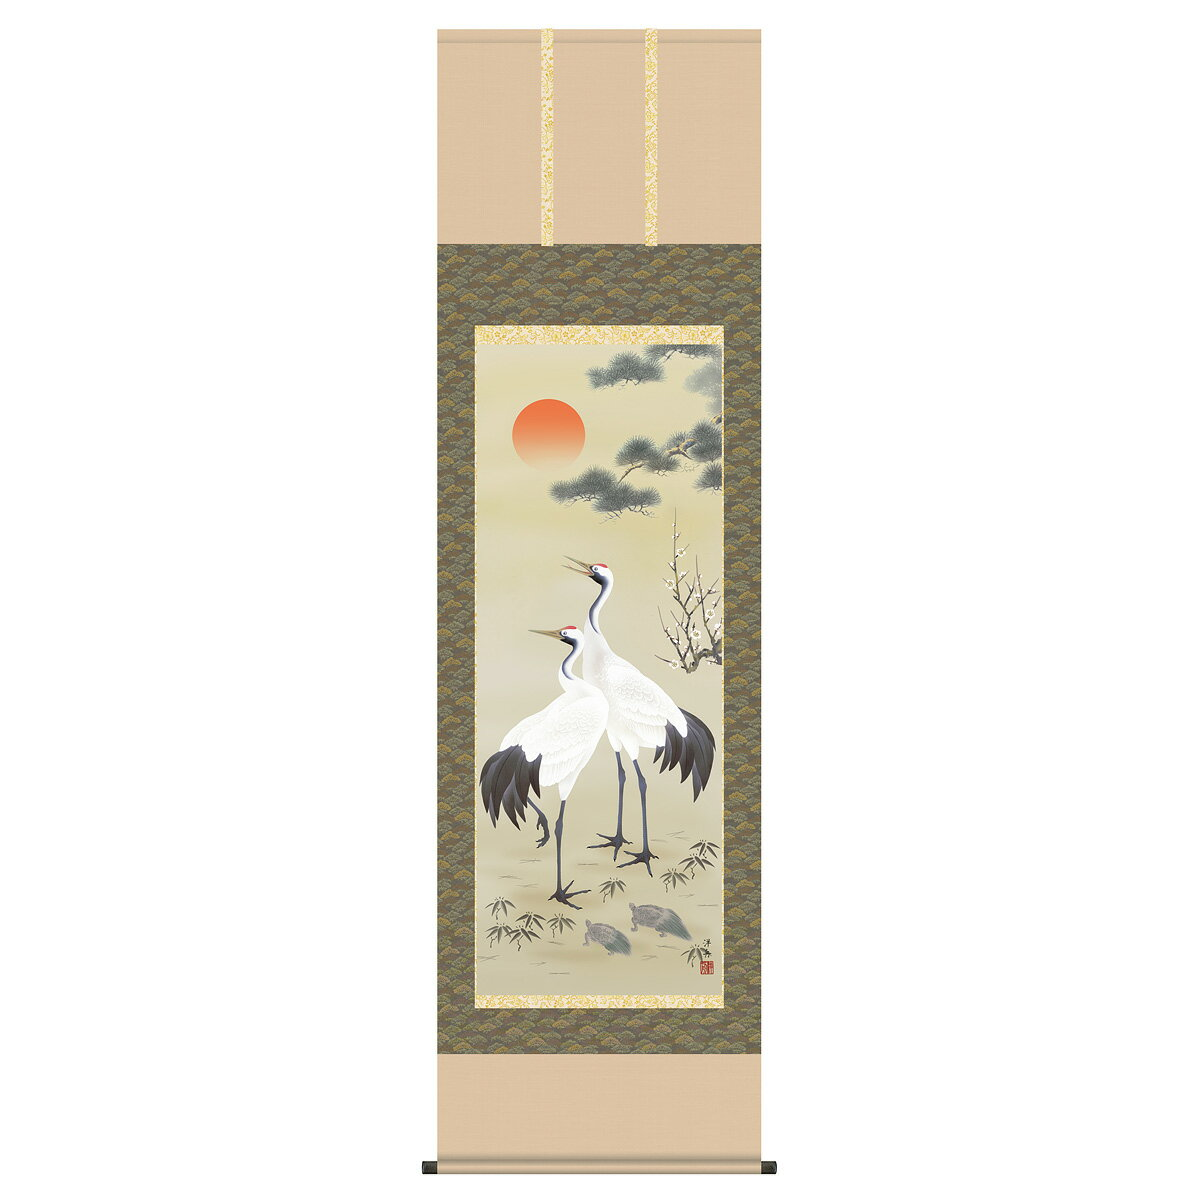 端午の節句 正月 掛け軸 掛軸 「小野洋舟(幸洋会)作 松竹梅鶴亀」 ●正月飾り 端午の節句